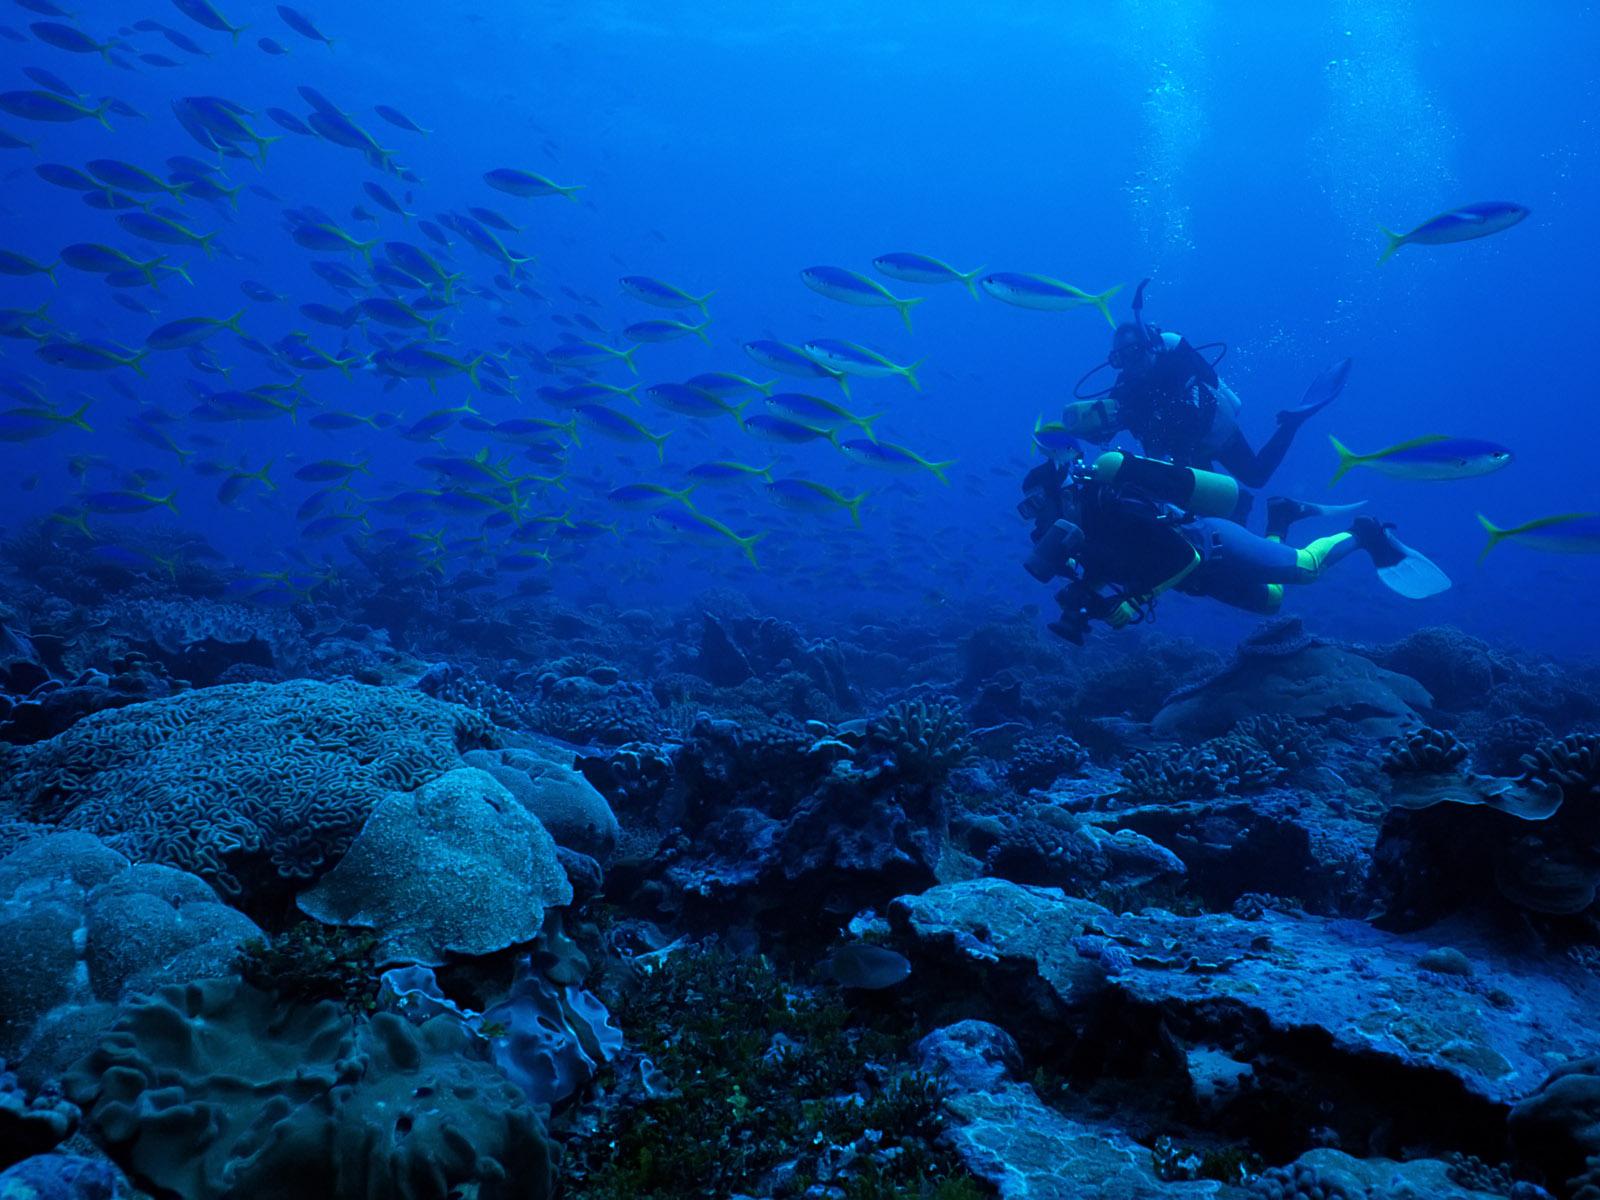 海底世界 鱼类写真壁纸 第01辑